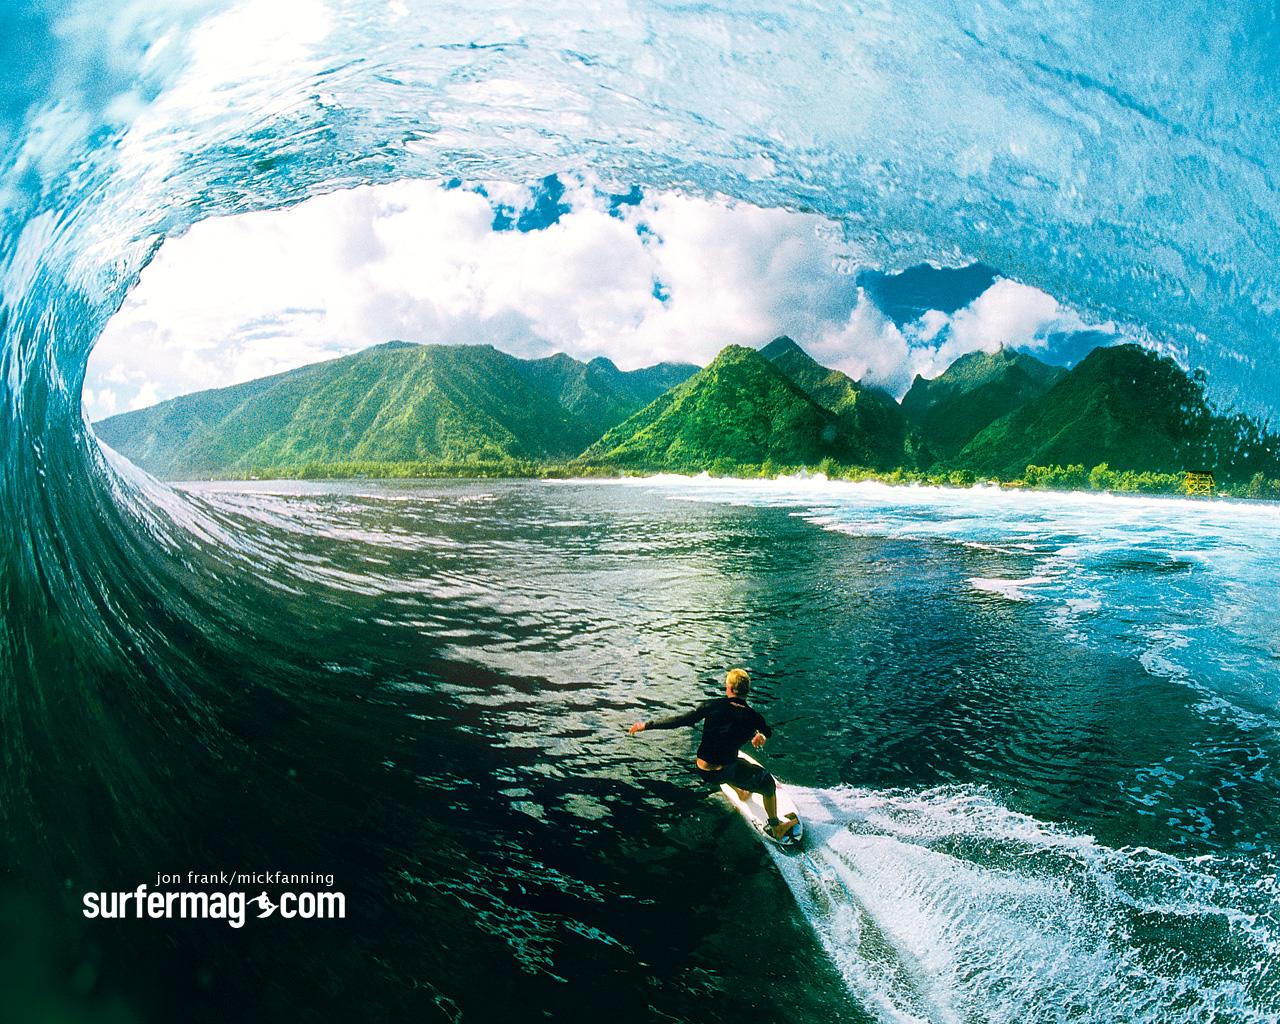 Surfing Computer Wallpapers Desktop Backgrounds 1280x1024